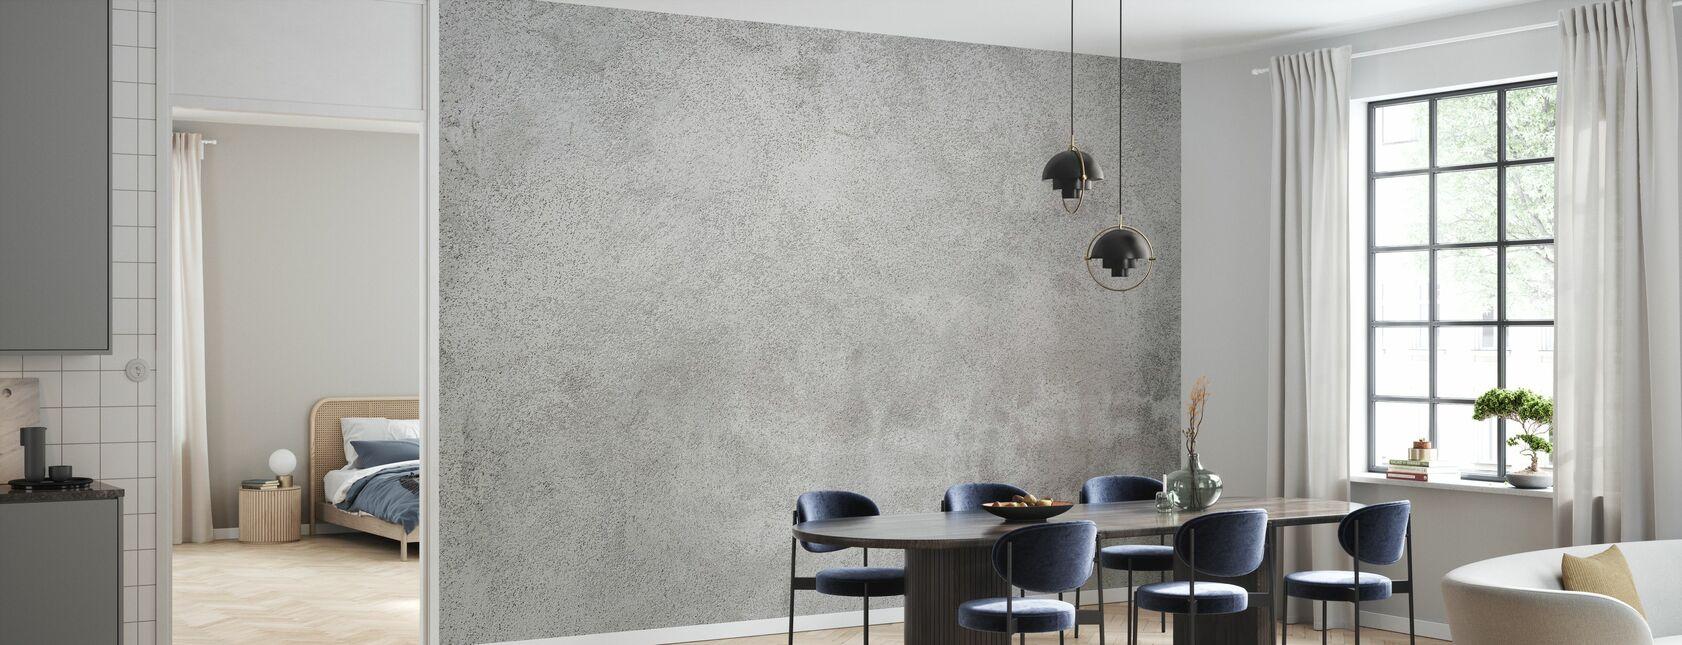 Grunge betonnen muur - Behang - Keuken